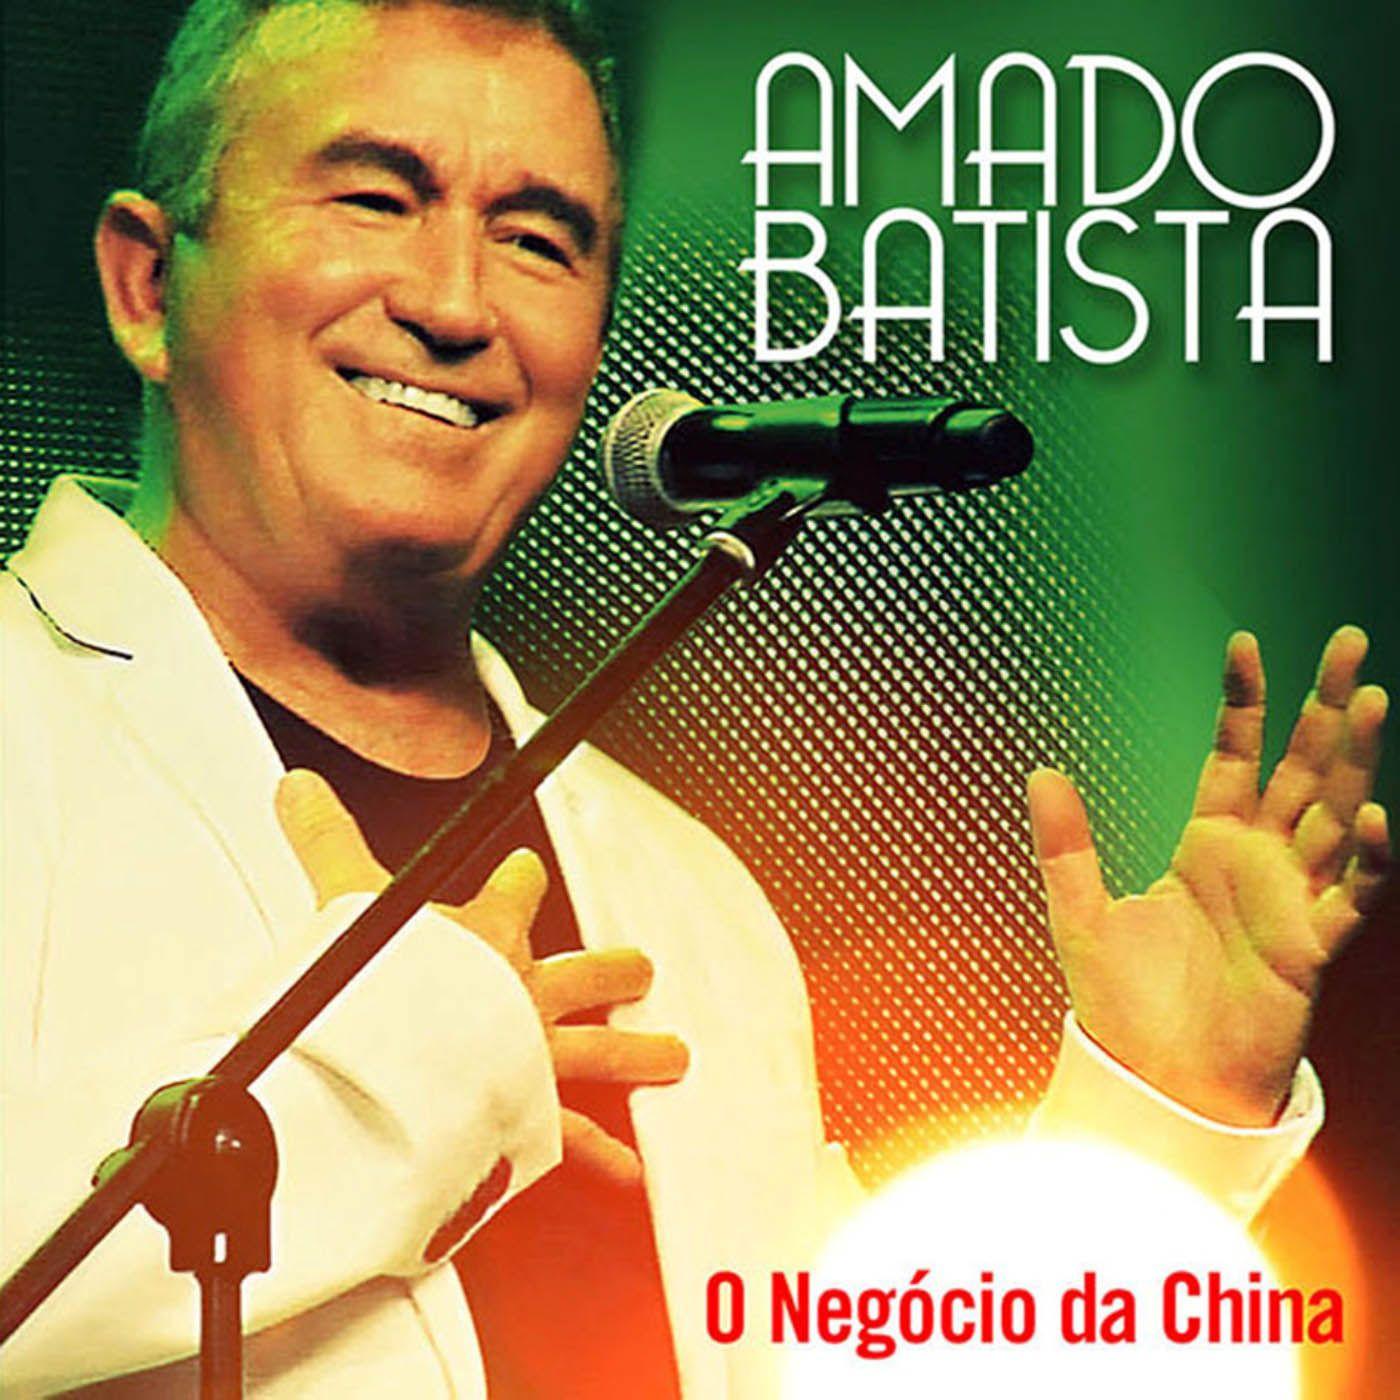 CD Amado Batista - O Negócio da China